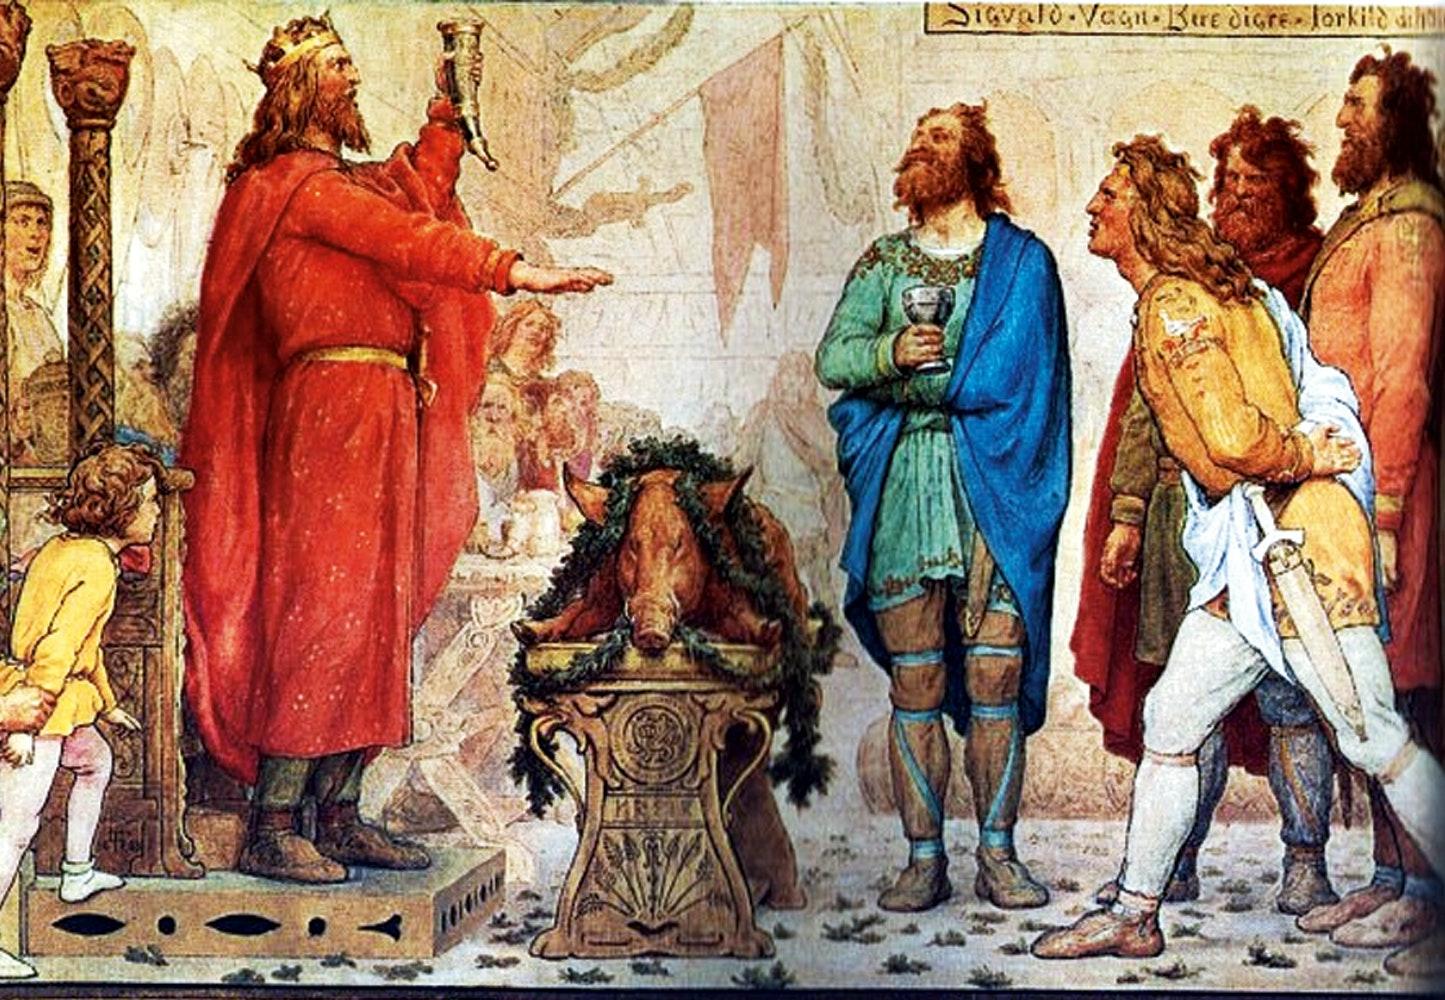 Vikingerne fik børn med indianere   Historienet.dk